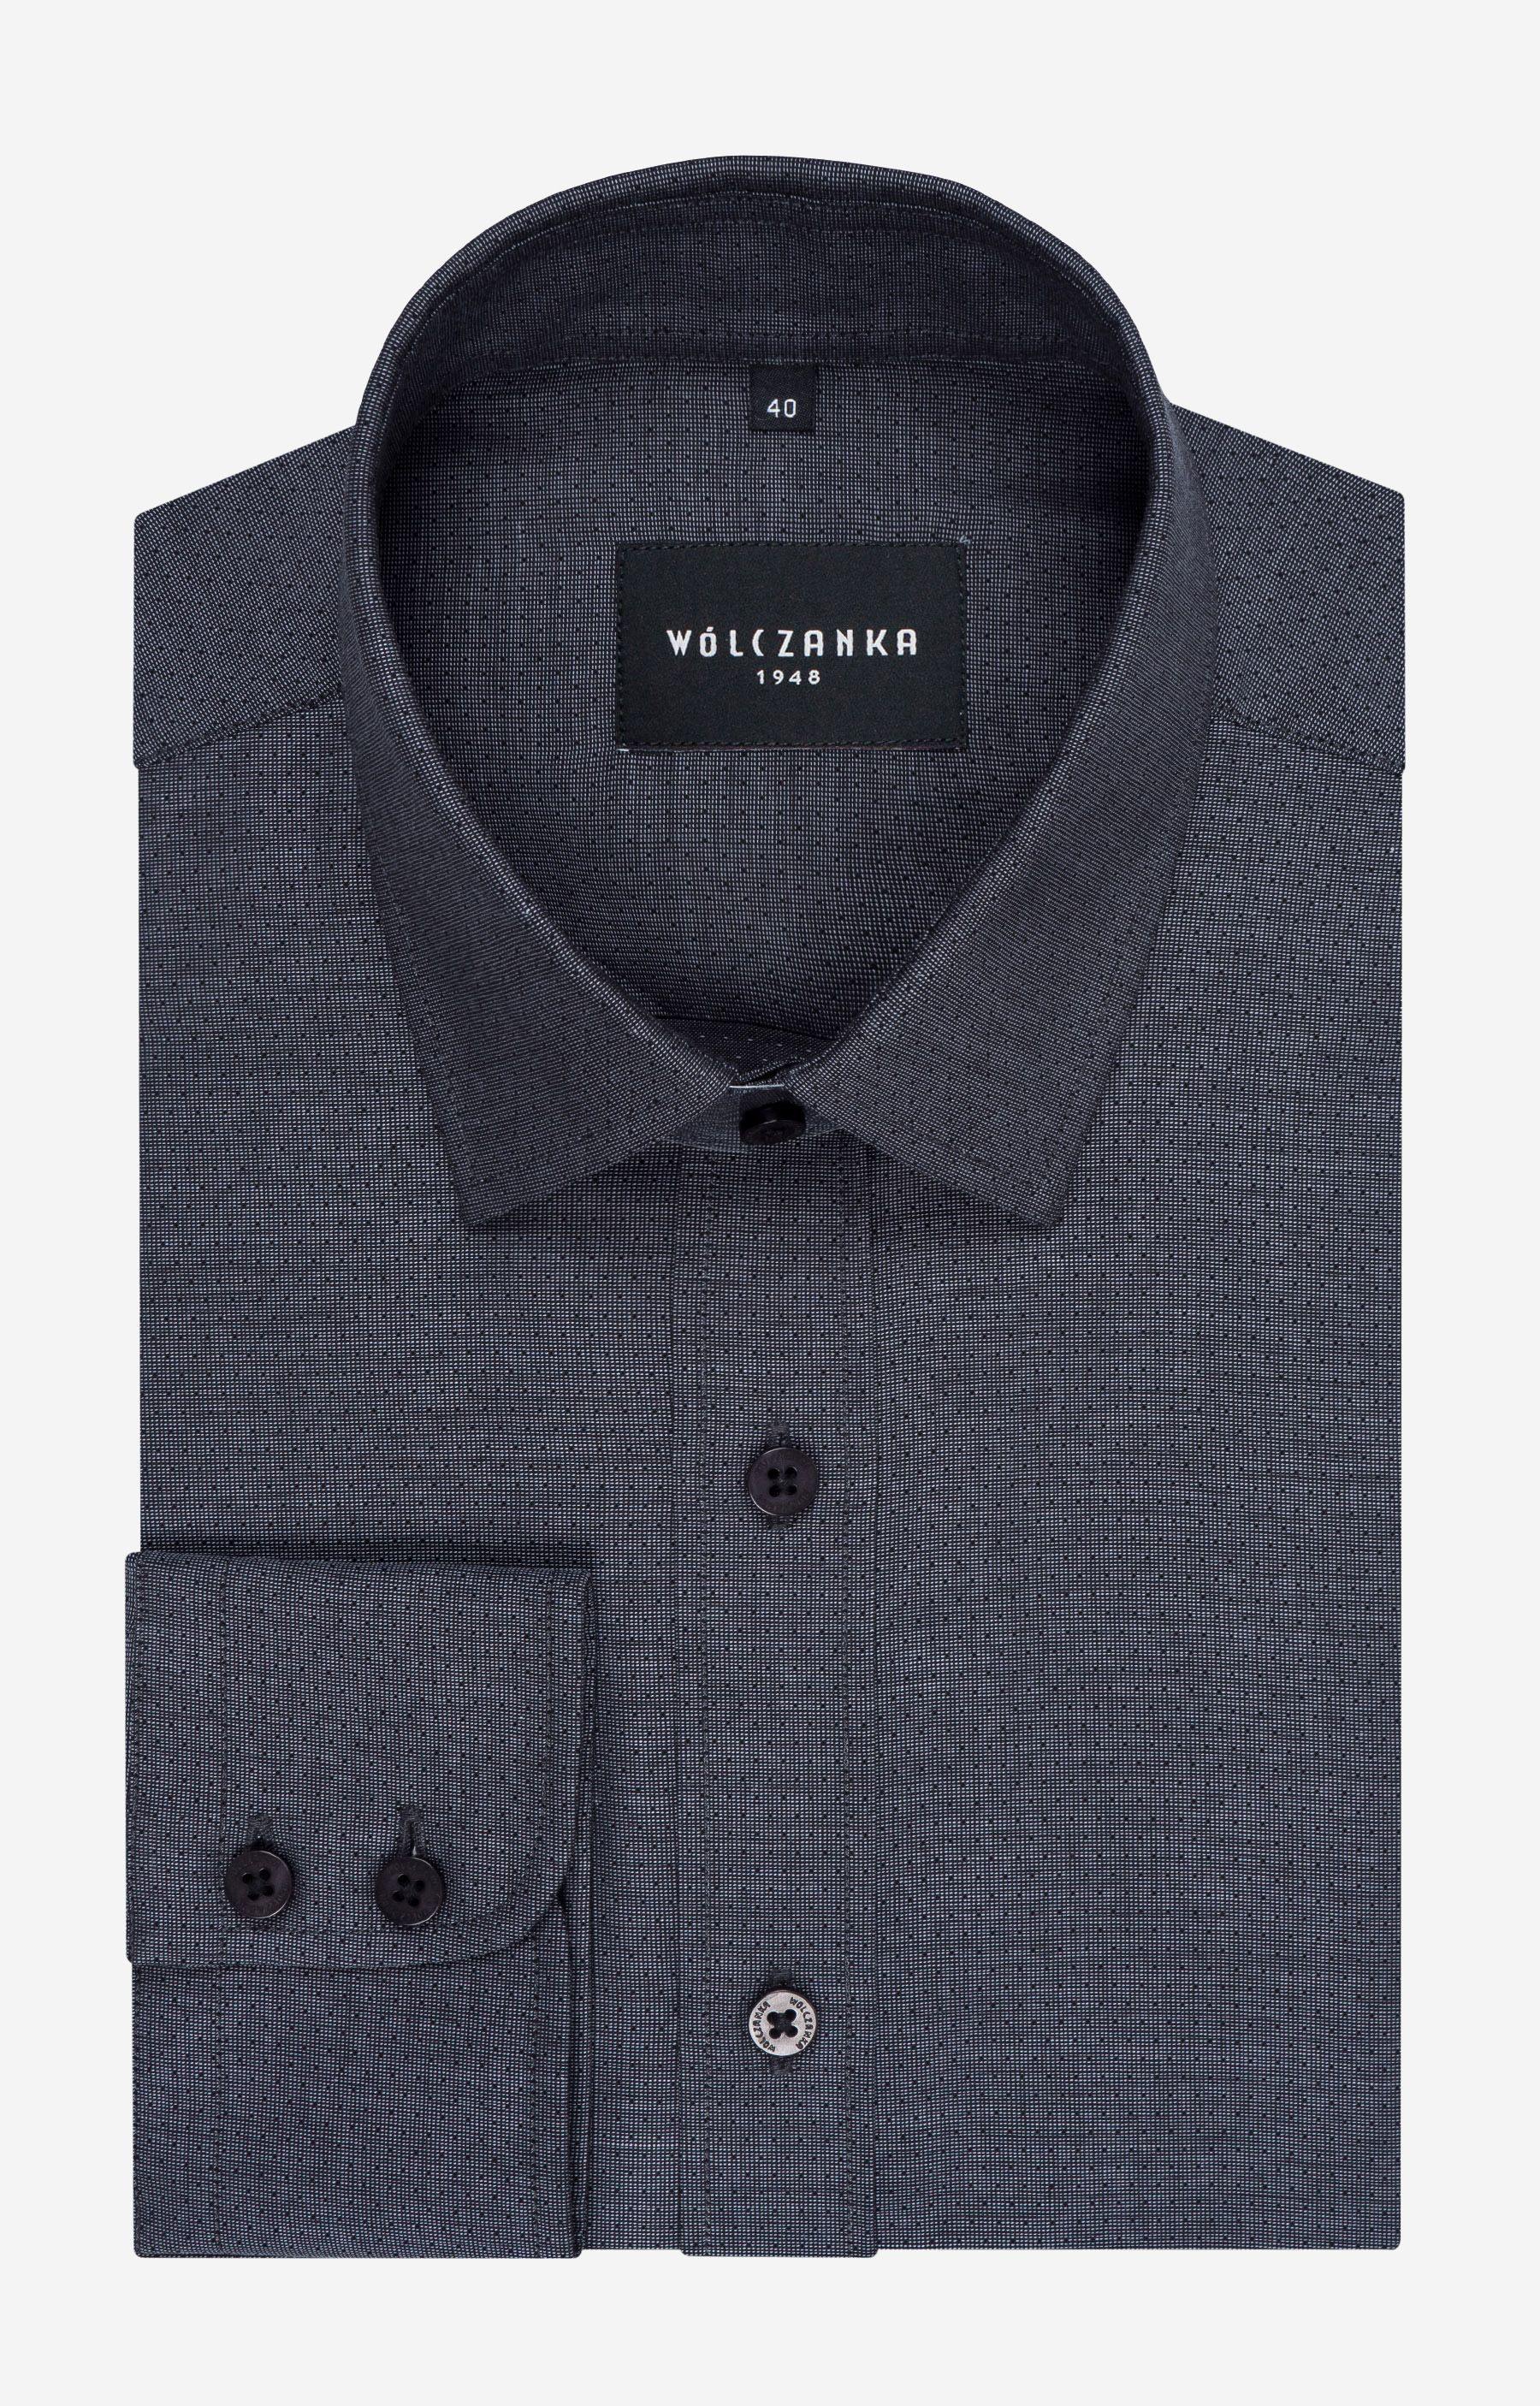 79100f35ed5710 Kolorowe koszule męskie - Grafitowa koszula męska WÓLCZANKA - WS26WL7649 -  sklep Wólczanka.pl